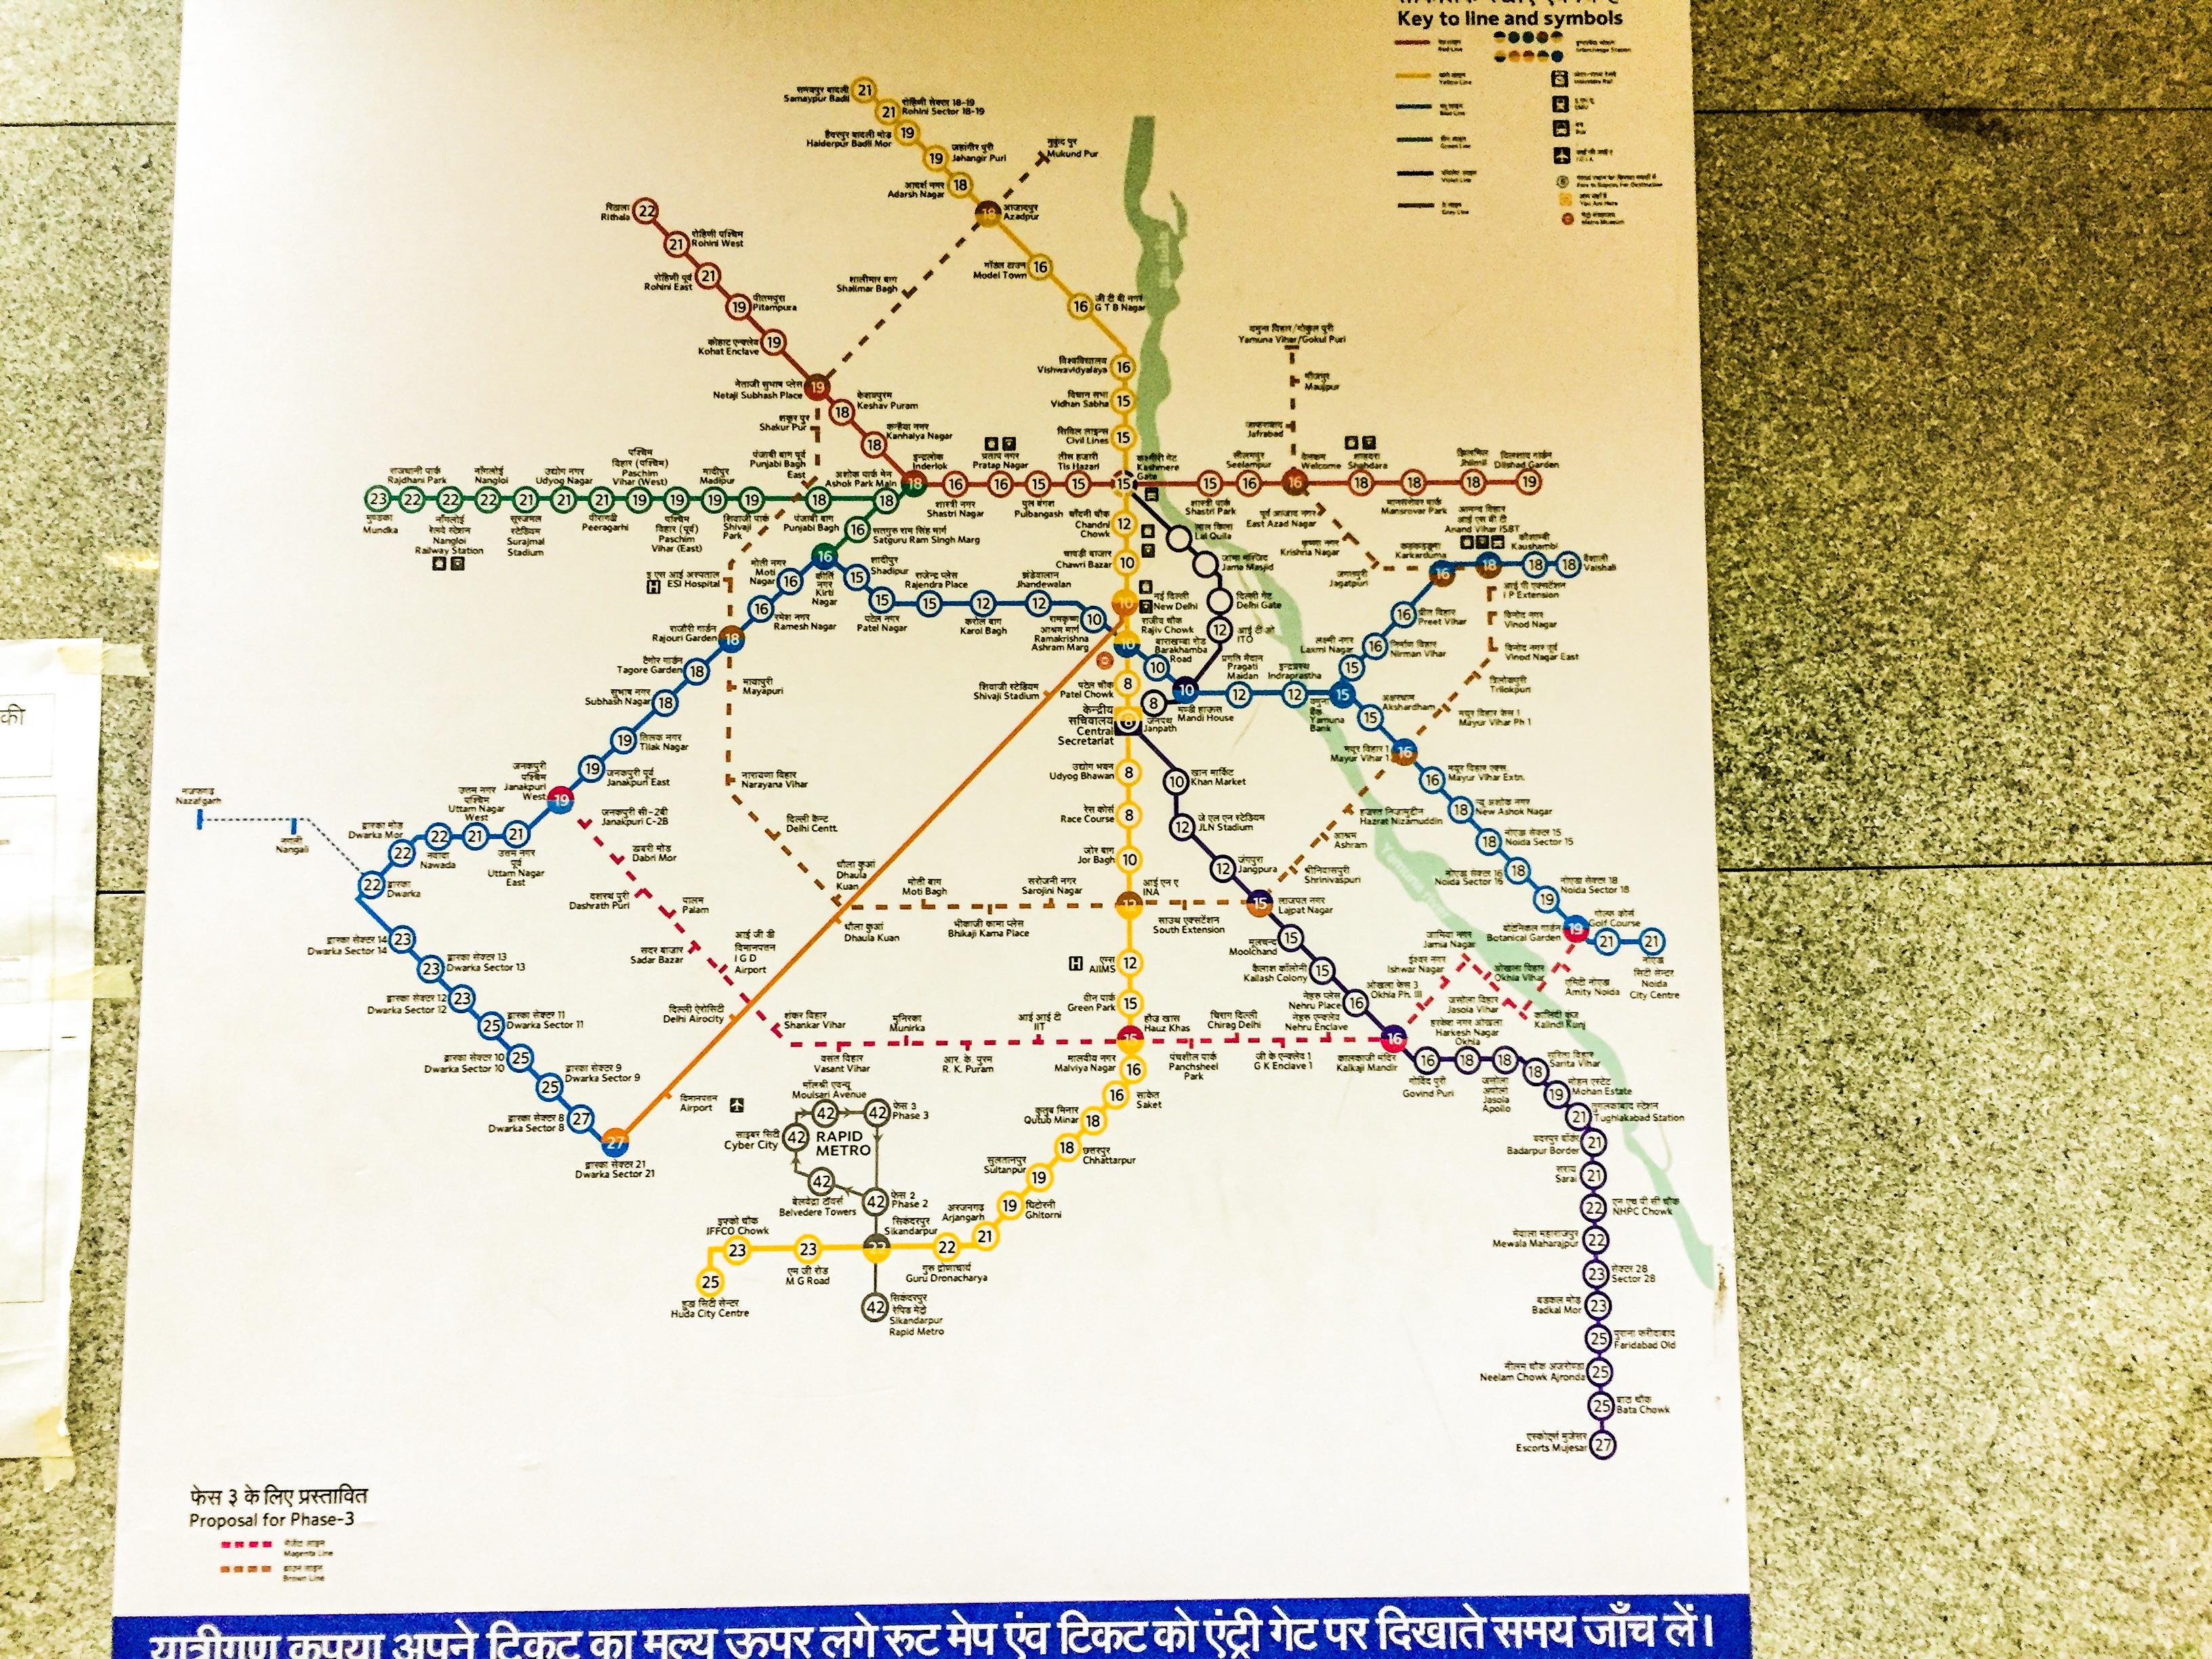 Dmrc Route Map Pdf